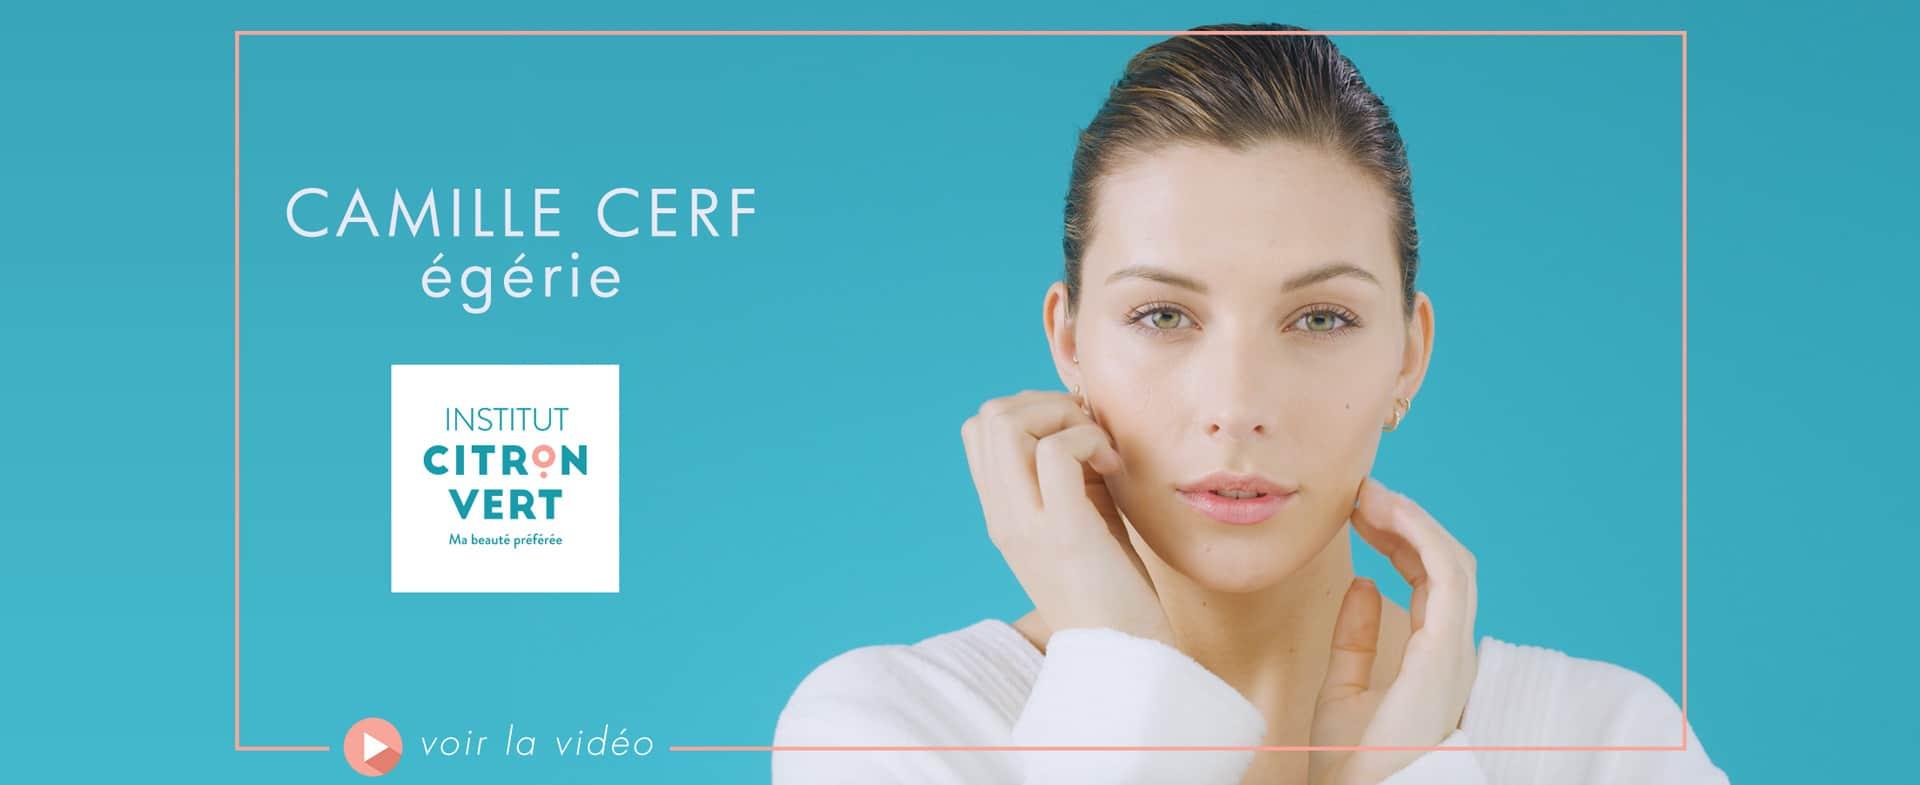 Camille Cerf - nouvelle égérie beauté Citron Vert